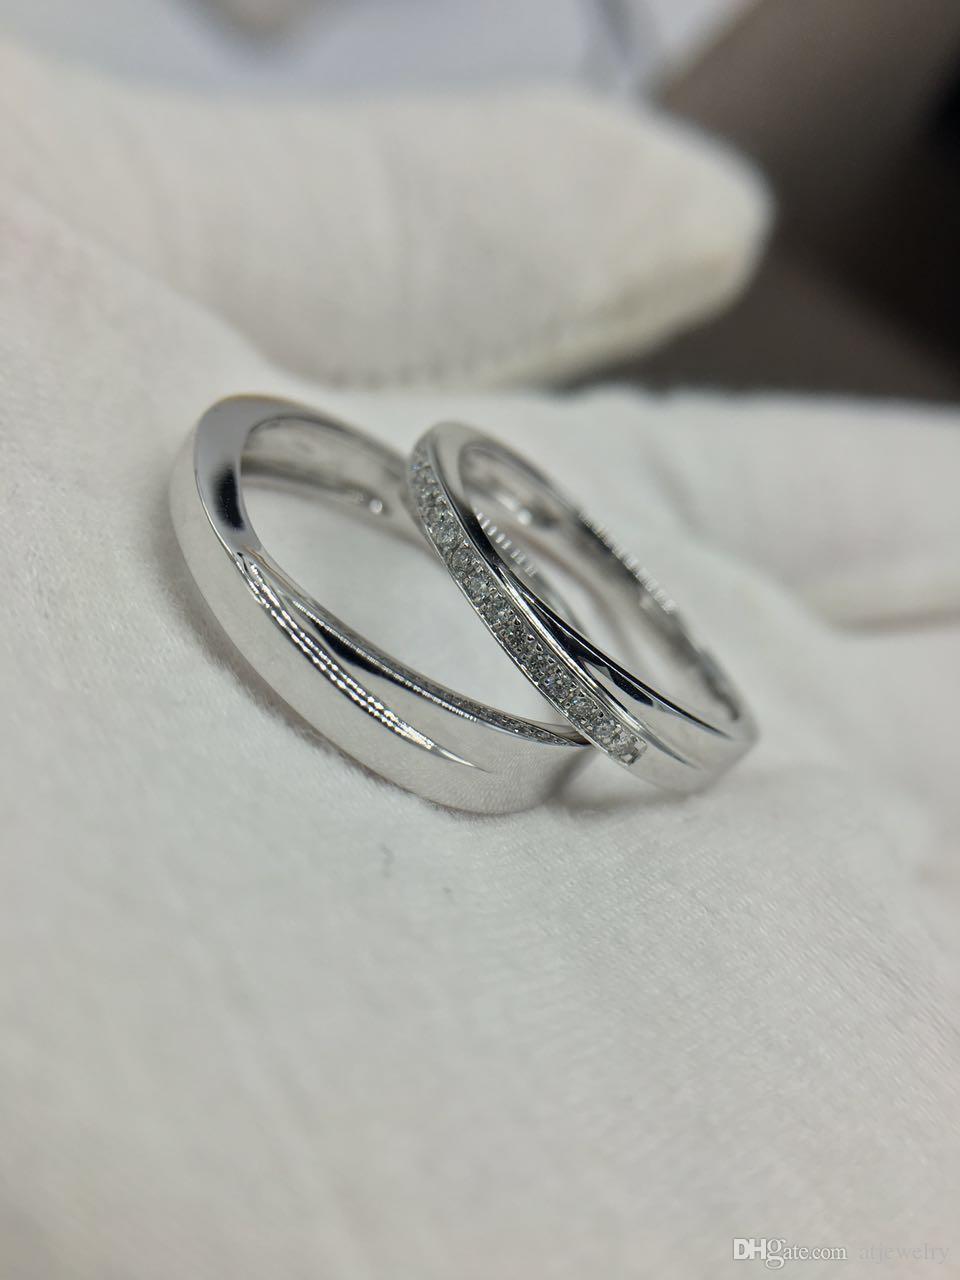 Фабрика обработки пользовательских парных колец 18 К белого золота настоящее установление алмазов обручальное бриллиантовое обручальное кольцо обручальное кольцо пара